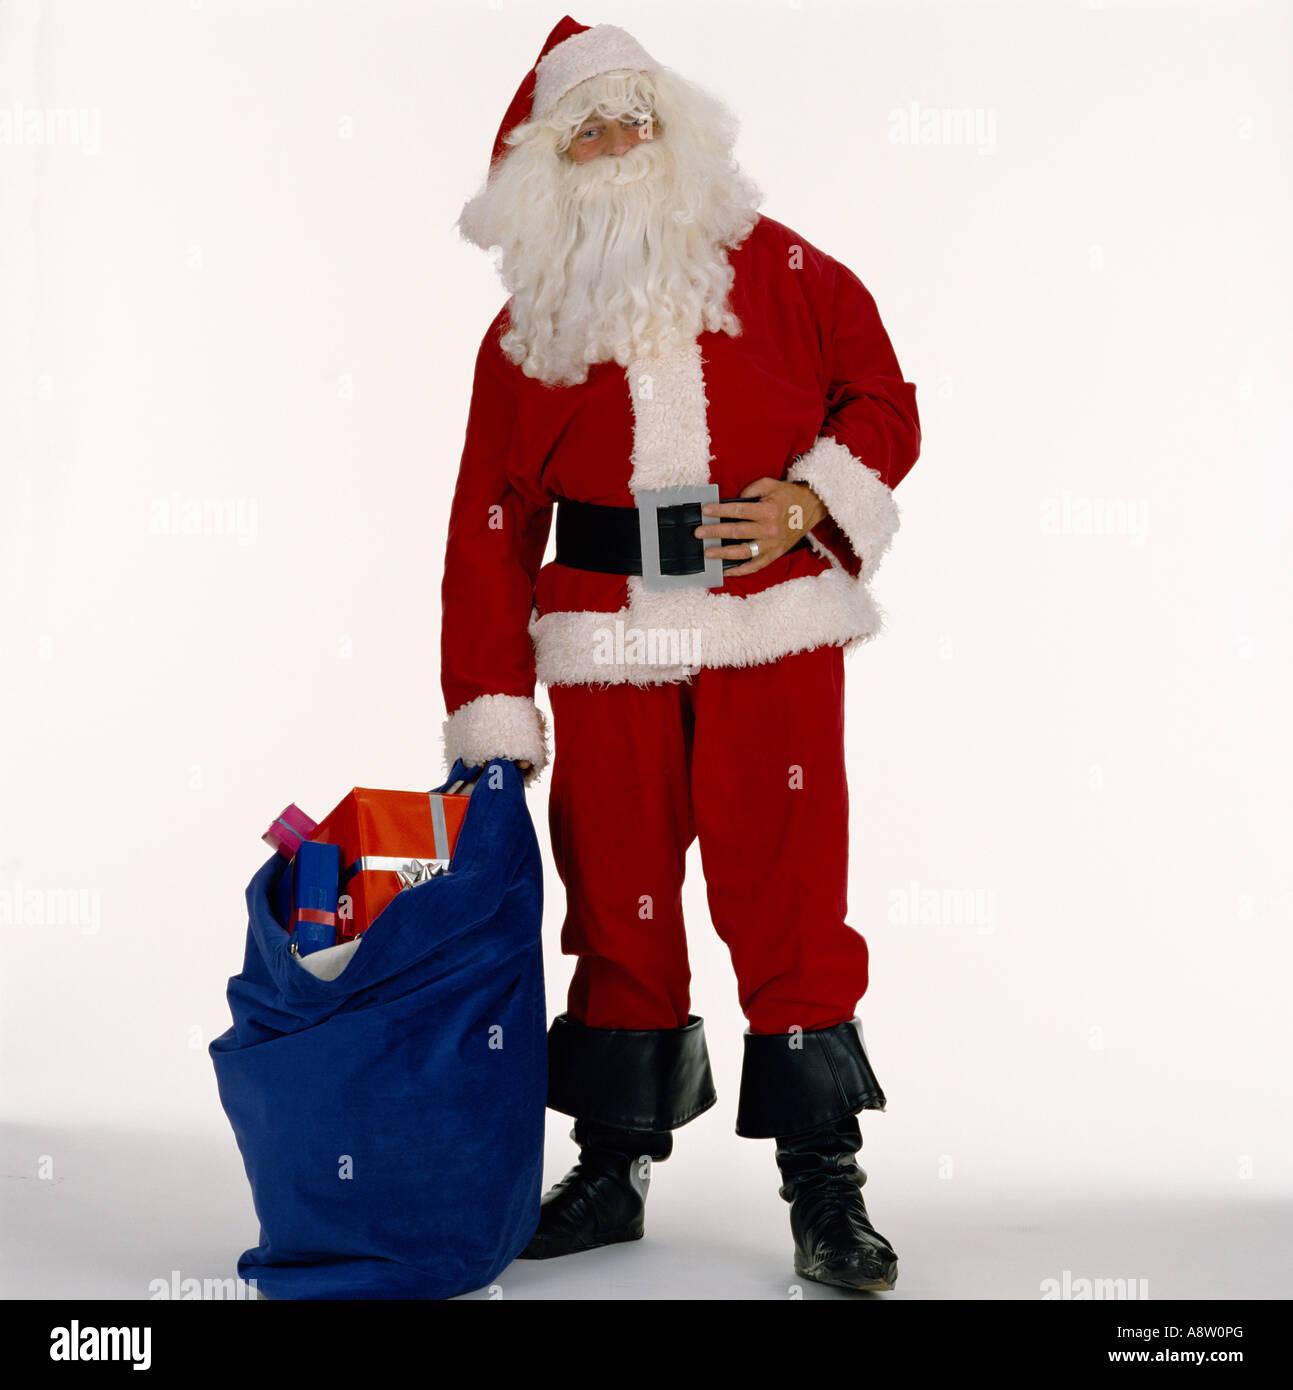 Studio Bild von Santa Claus / Weihnachtsmann stehend Sack Geschenke. Stockbild